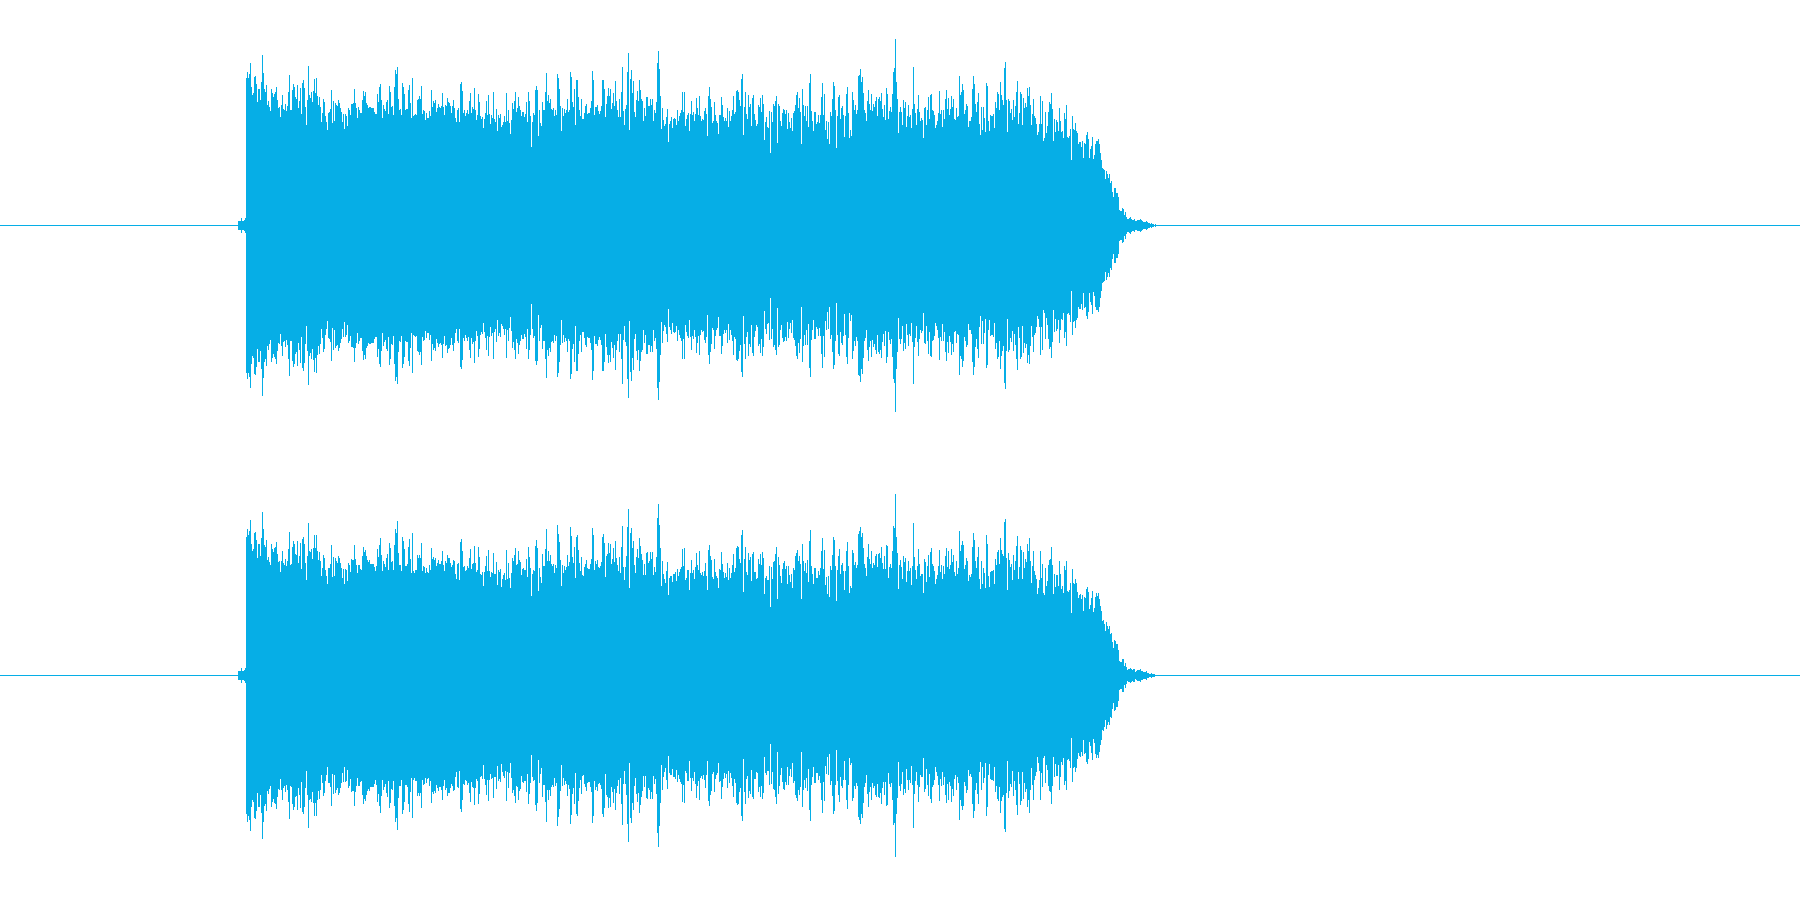 キユユーン!ギタースクラッチの再生済みの波形